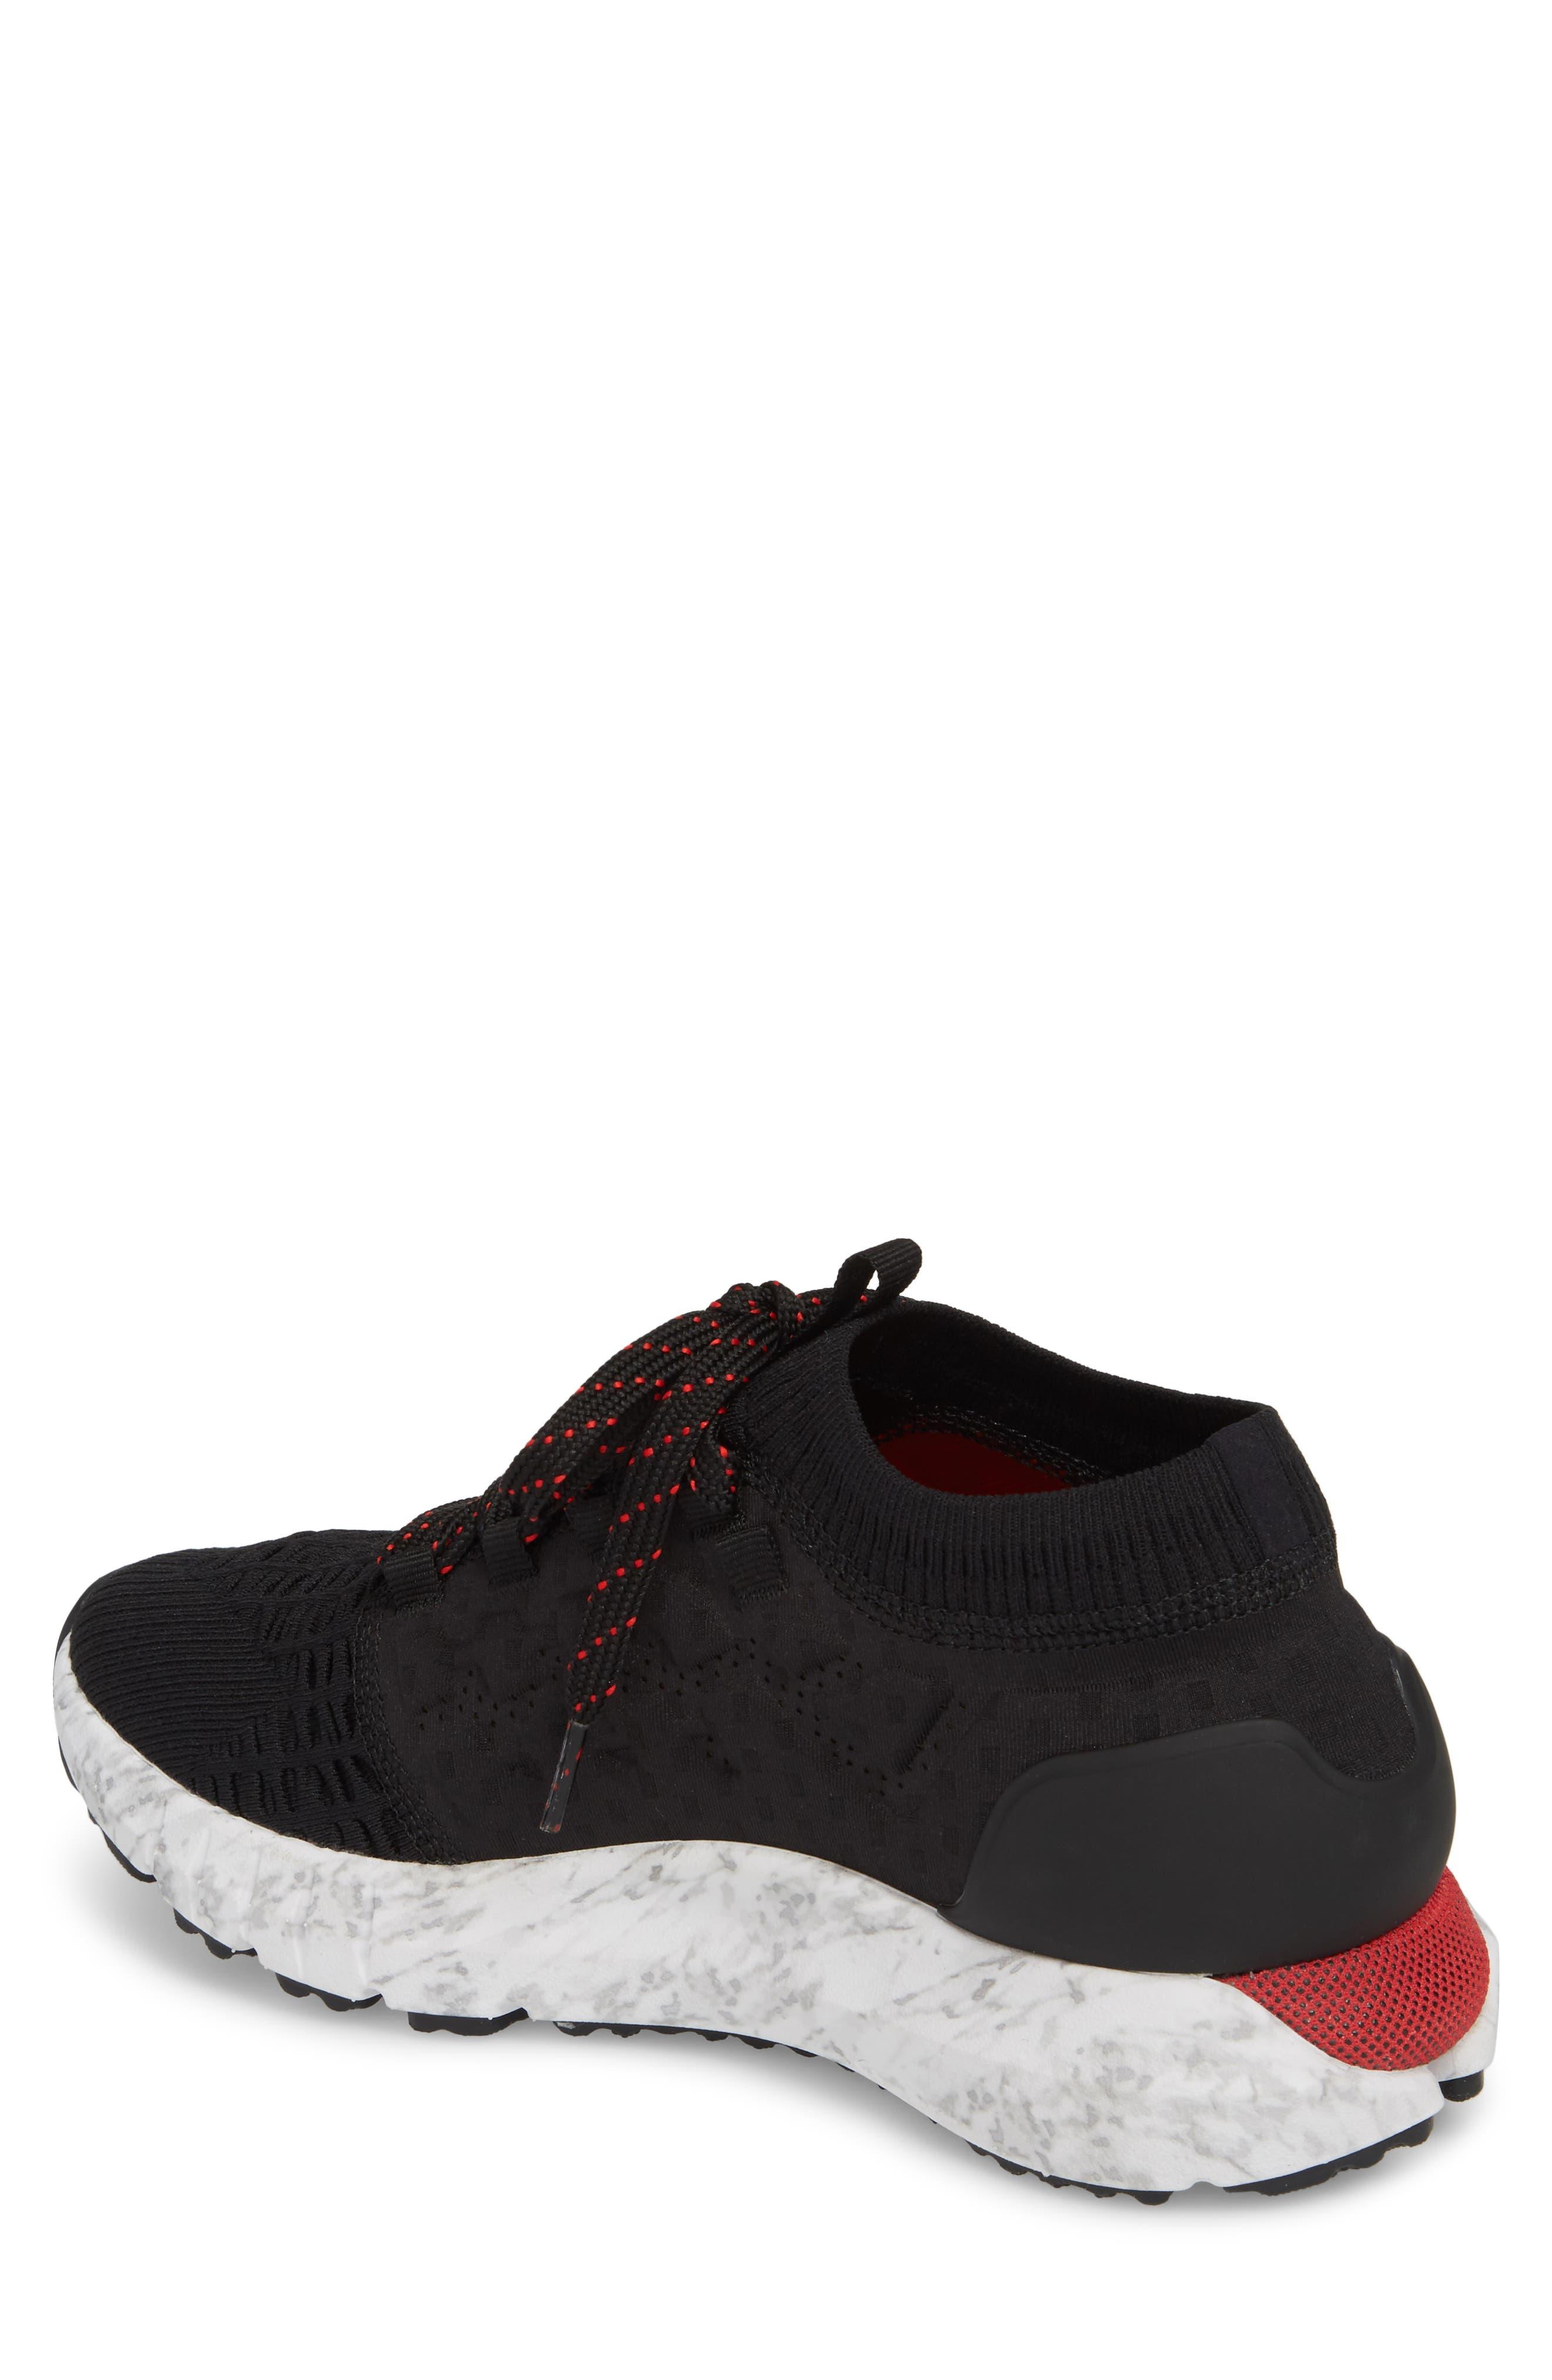 HOVR Phantom NC Sneaker,                             Alternate thumbnail 2, color,                             Black/ White/ Red